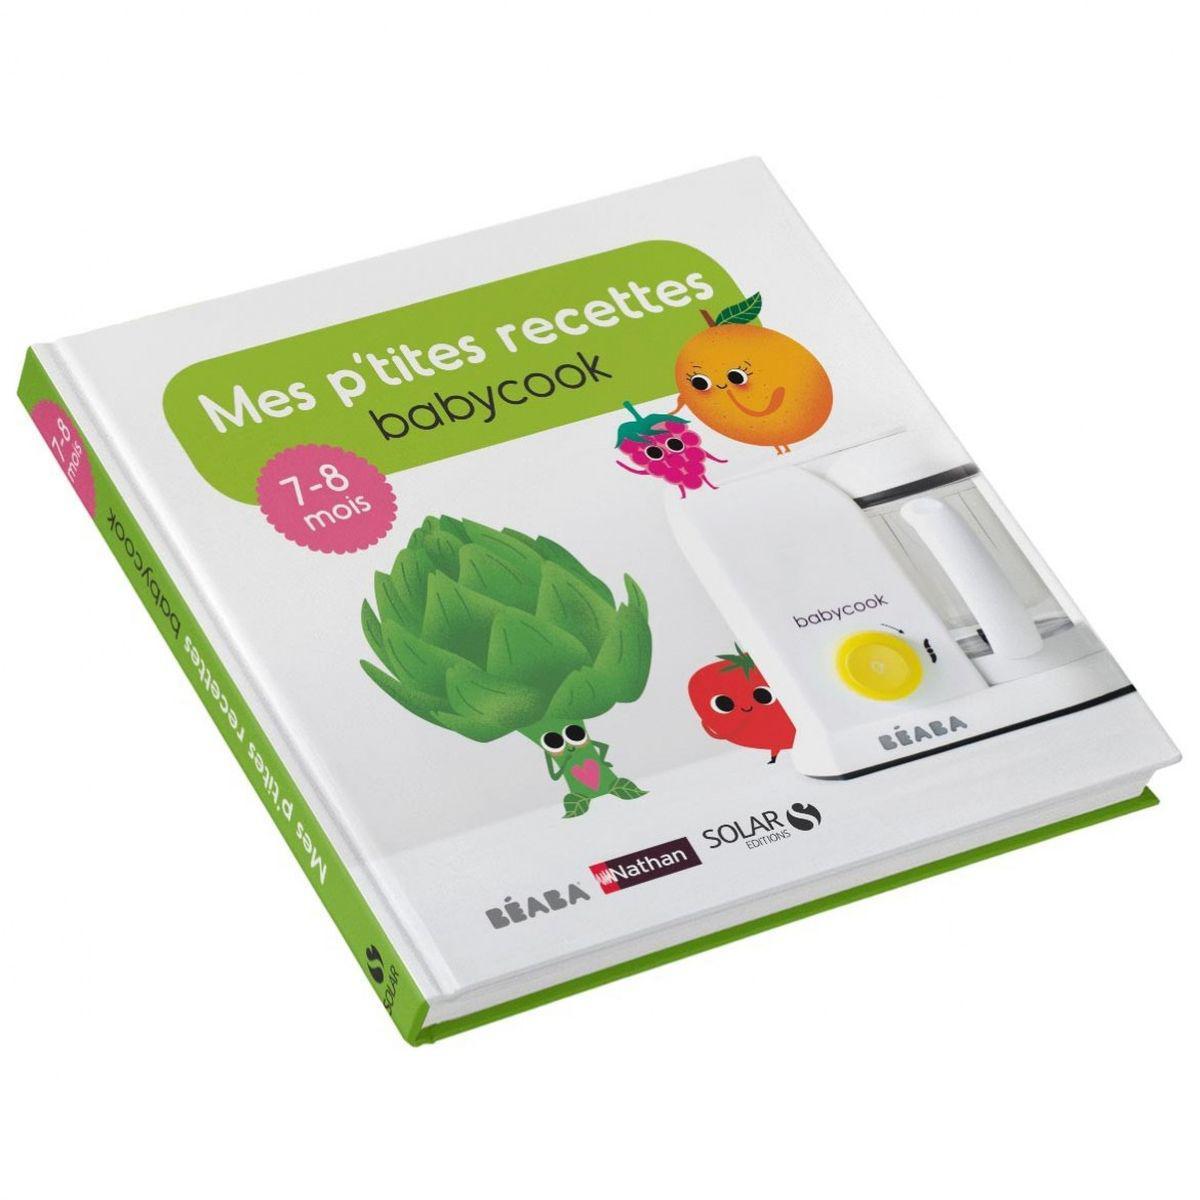 Livre recettes cuisine 7-8M Beaba FR